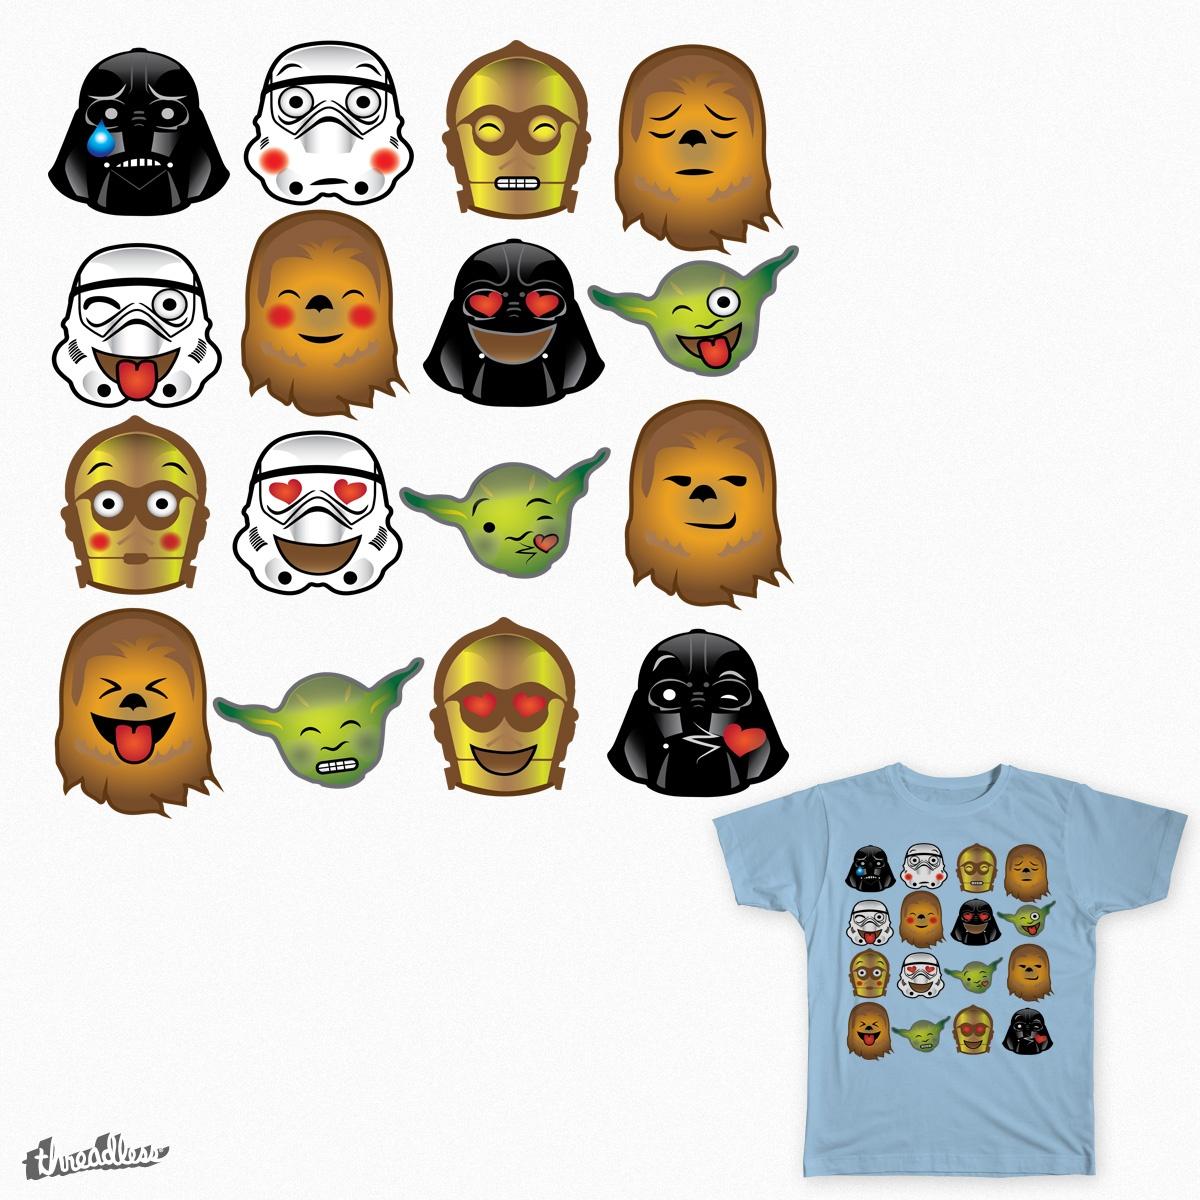 star wars padawan emoji pictures to pin on pinterest